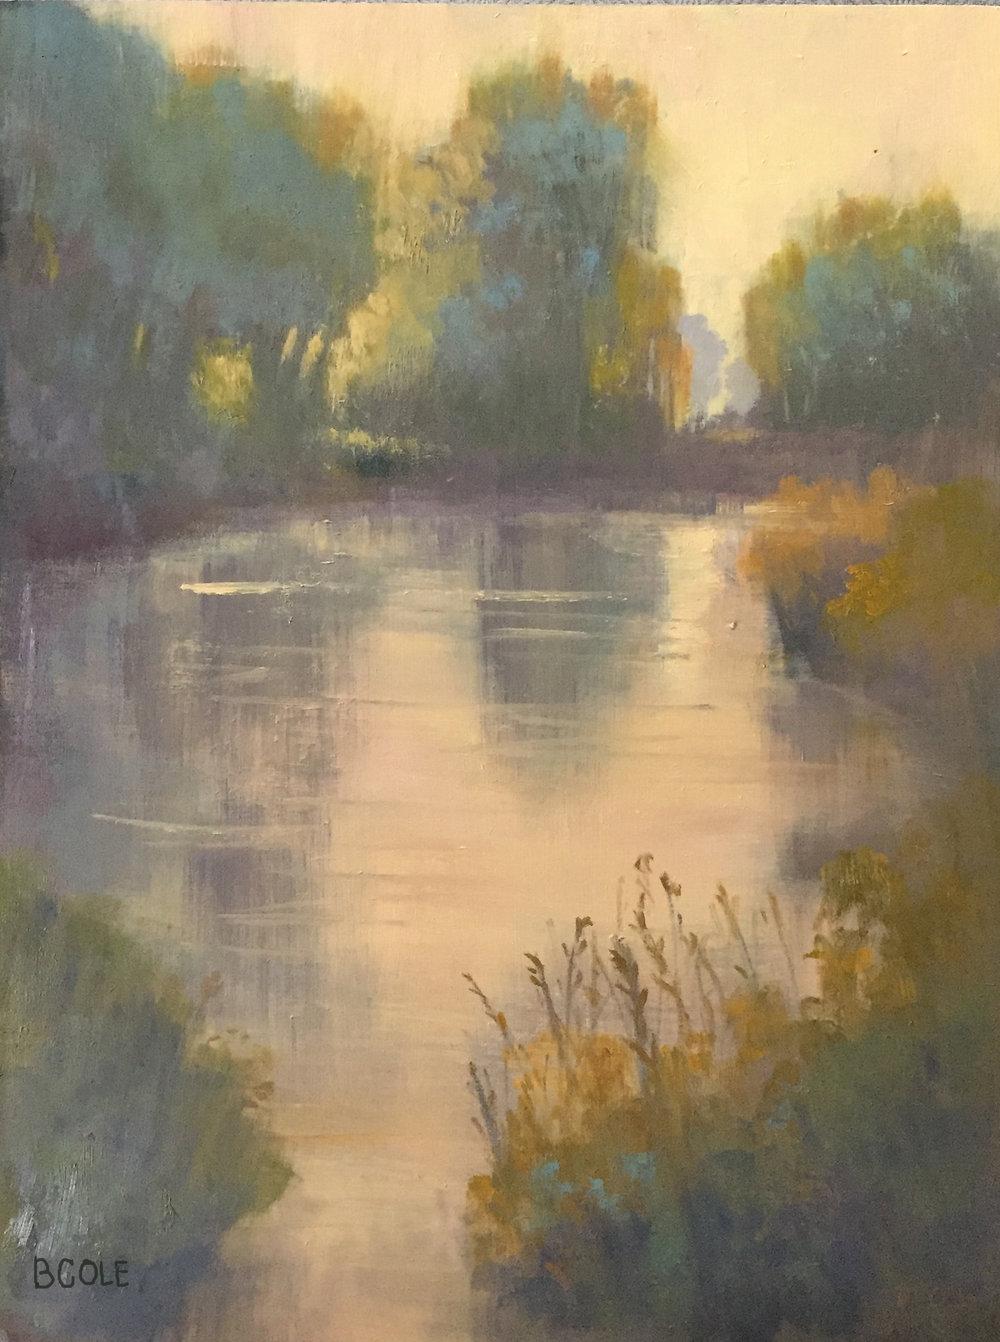 Stillness - 18 x 24 - Oil on Cradled Wood